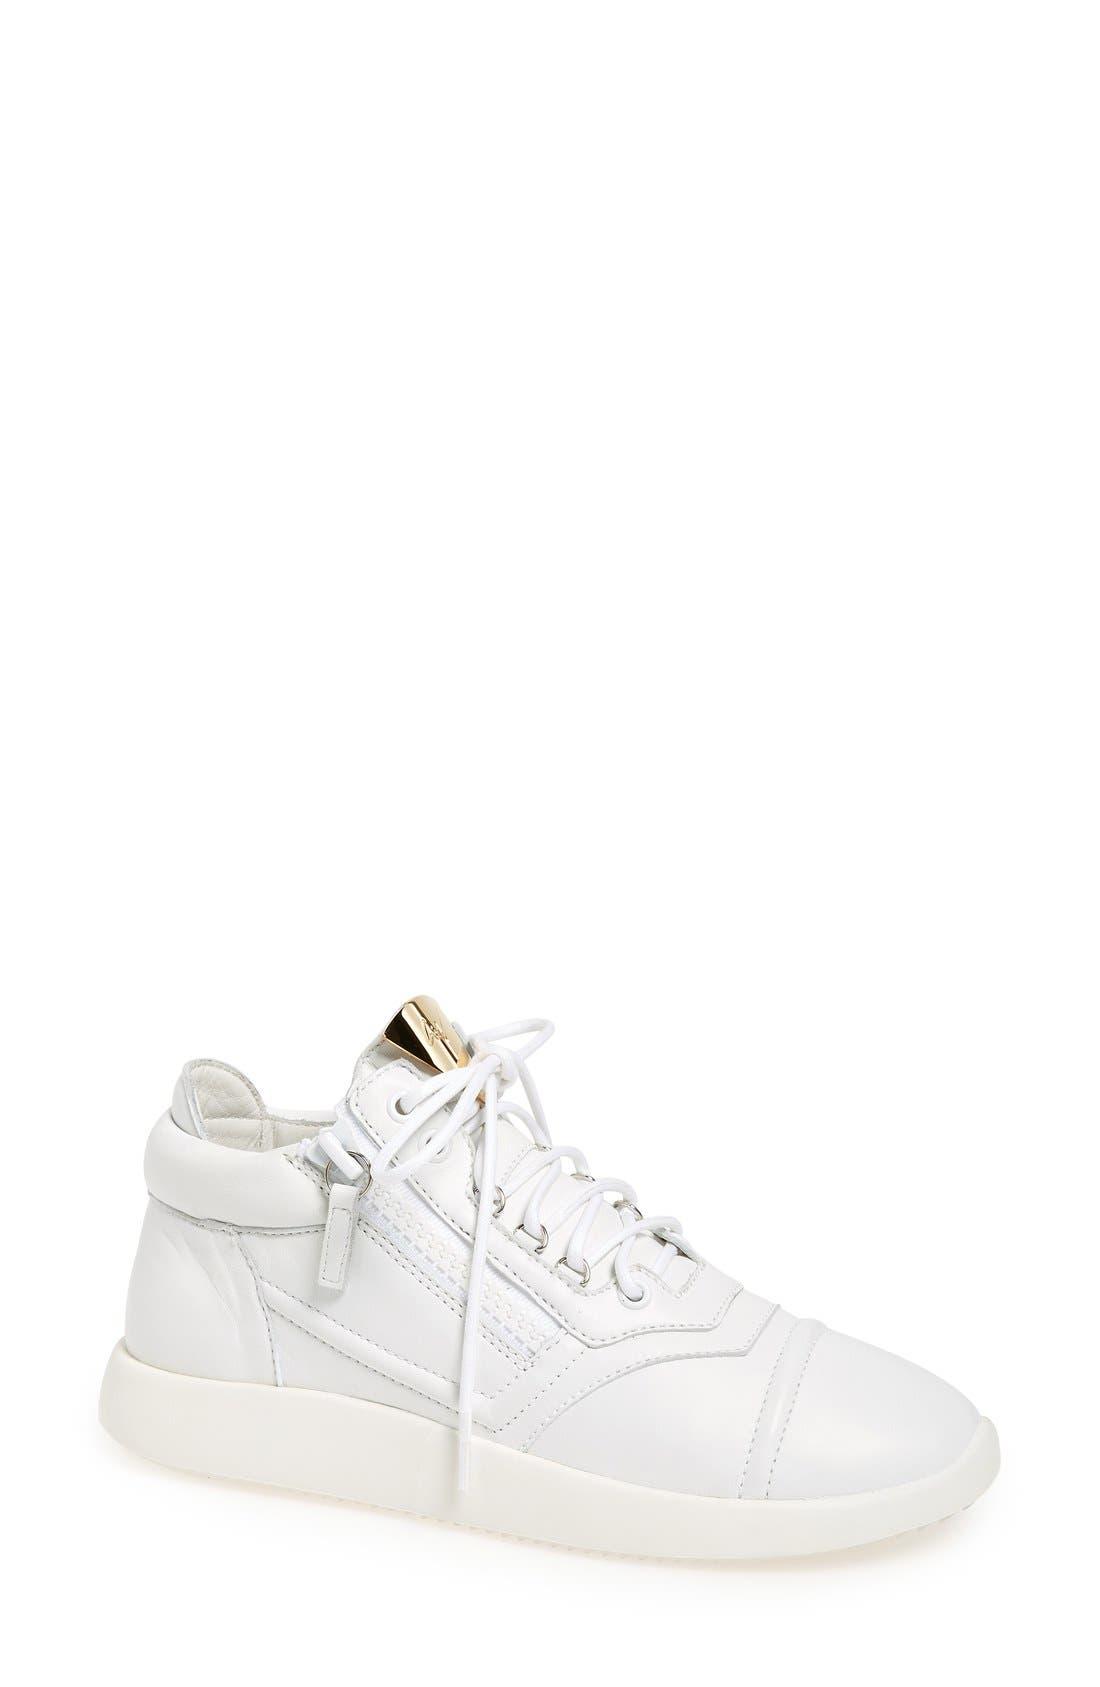 Giuseppe Zanotti Side Zip Low Top Sneaker (Women)